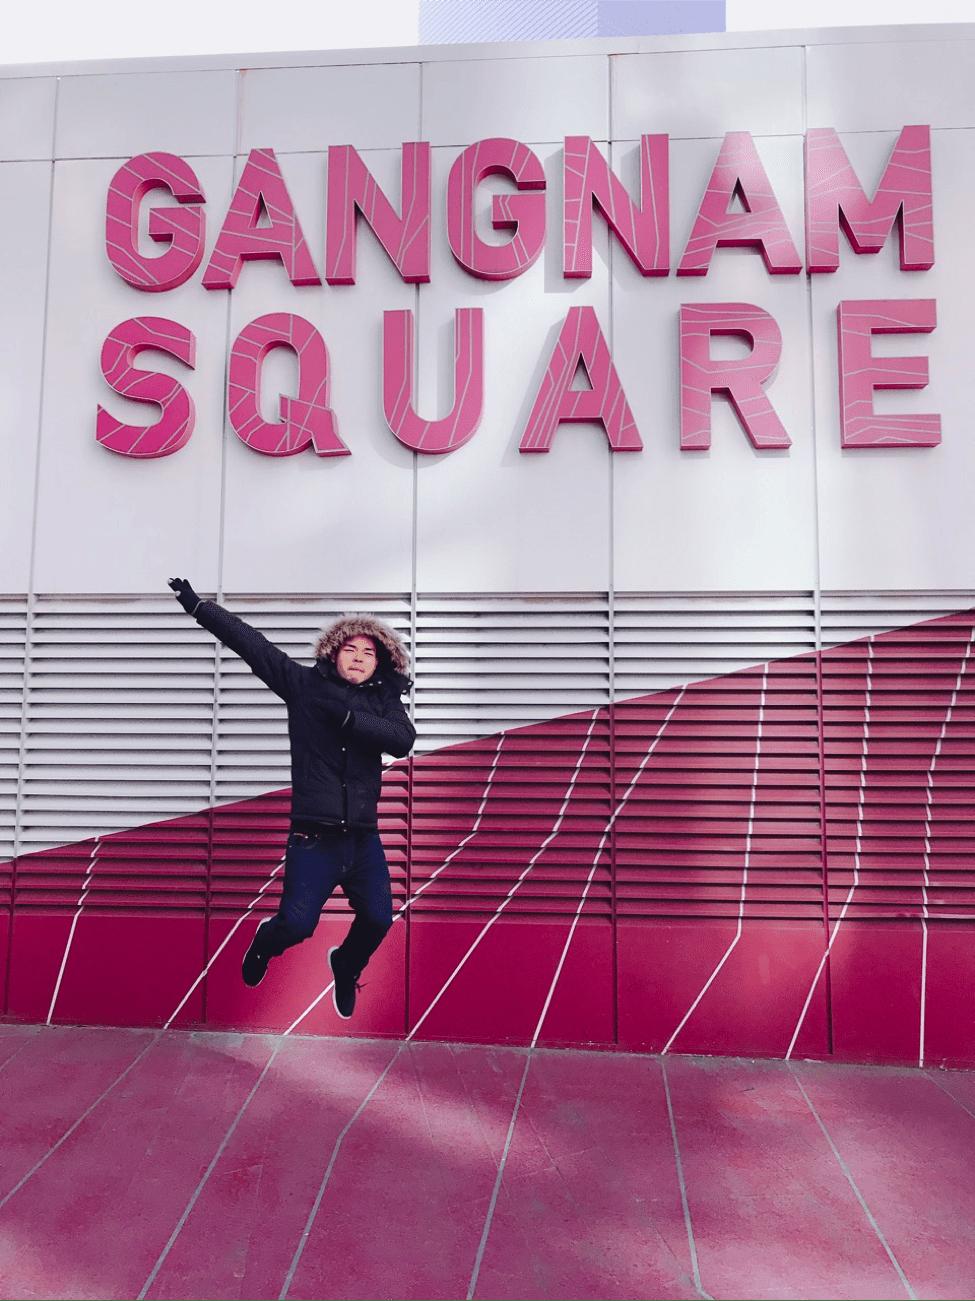 đến gangnam trong chuyến du lịch hàn quốc 6 ngày 5 đêm